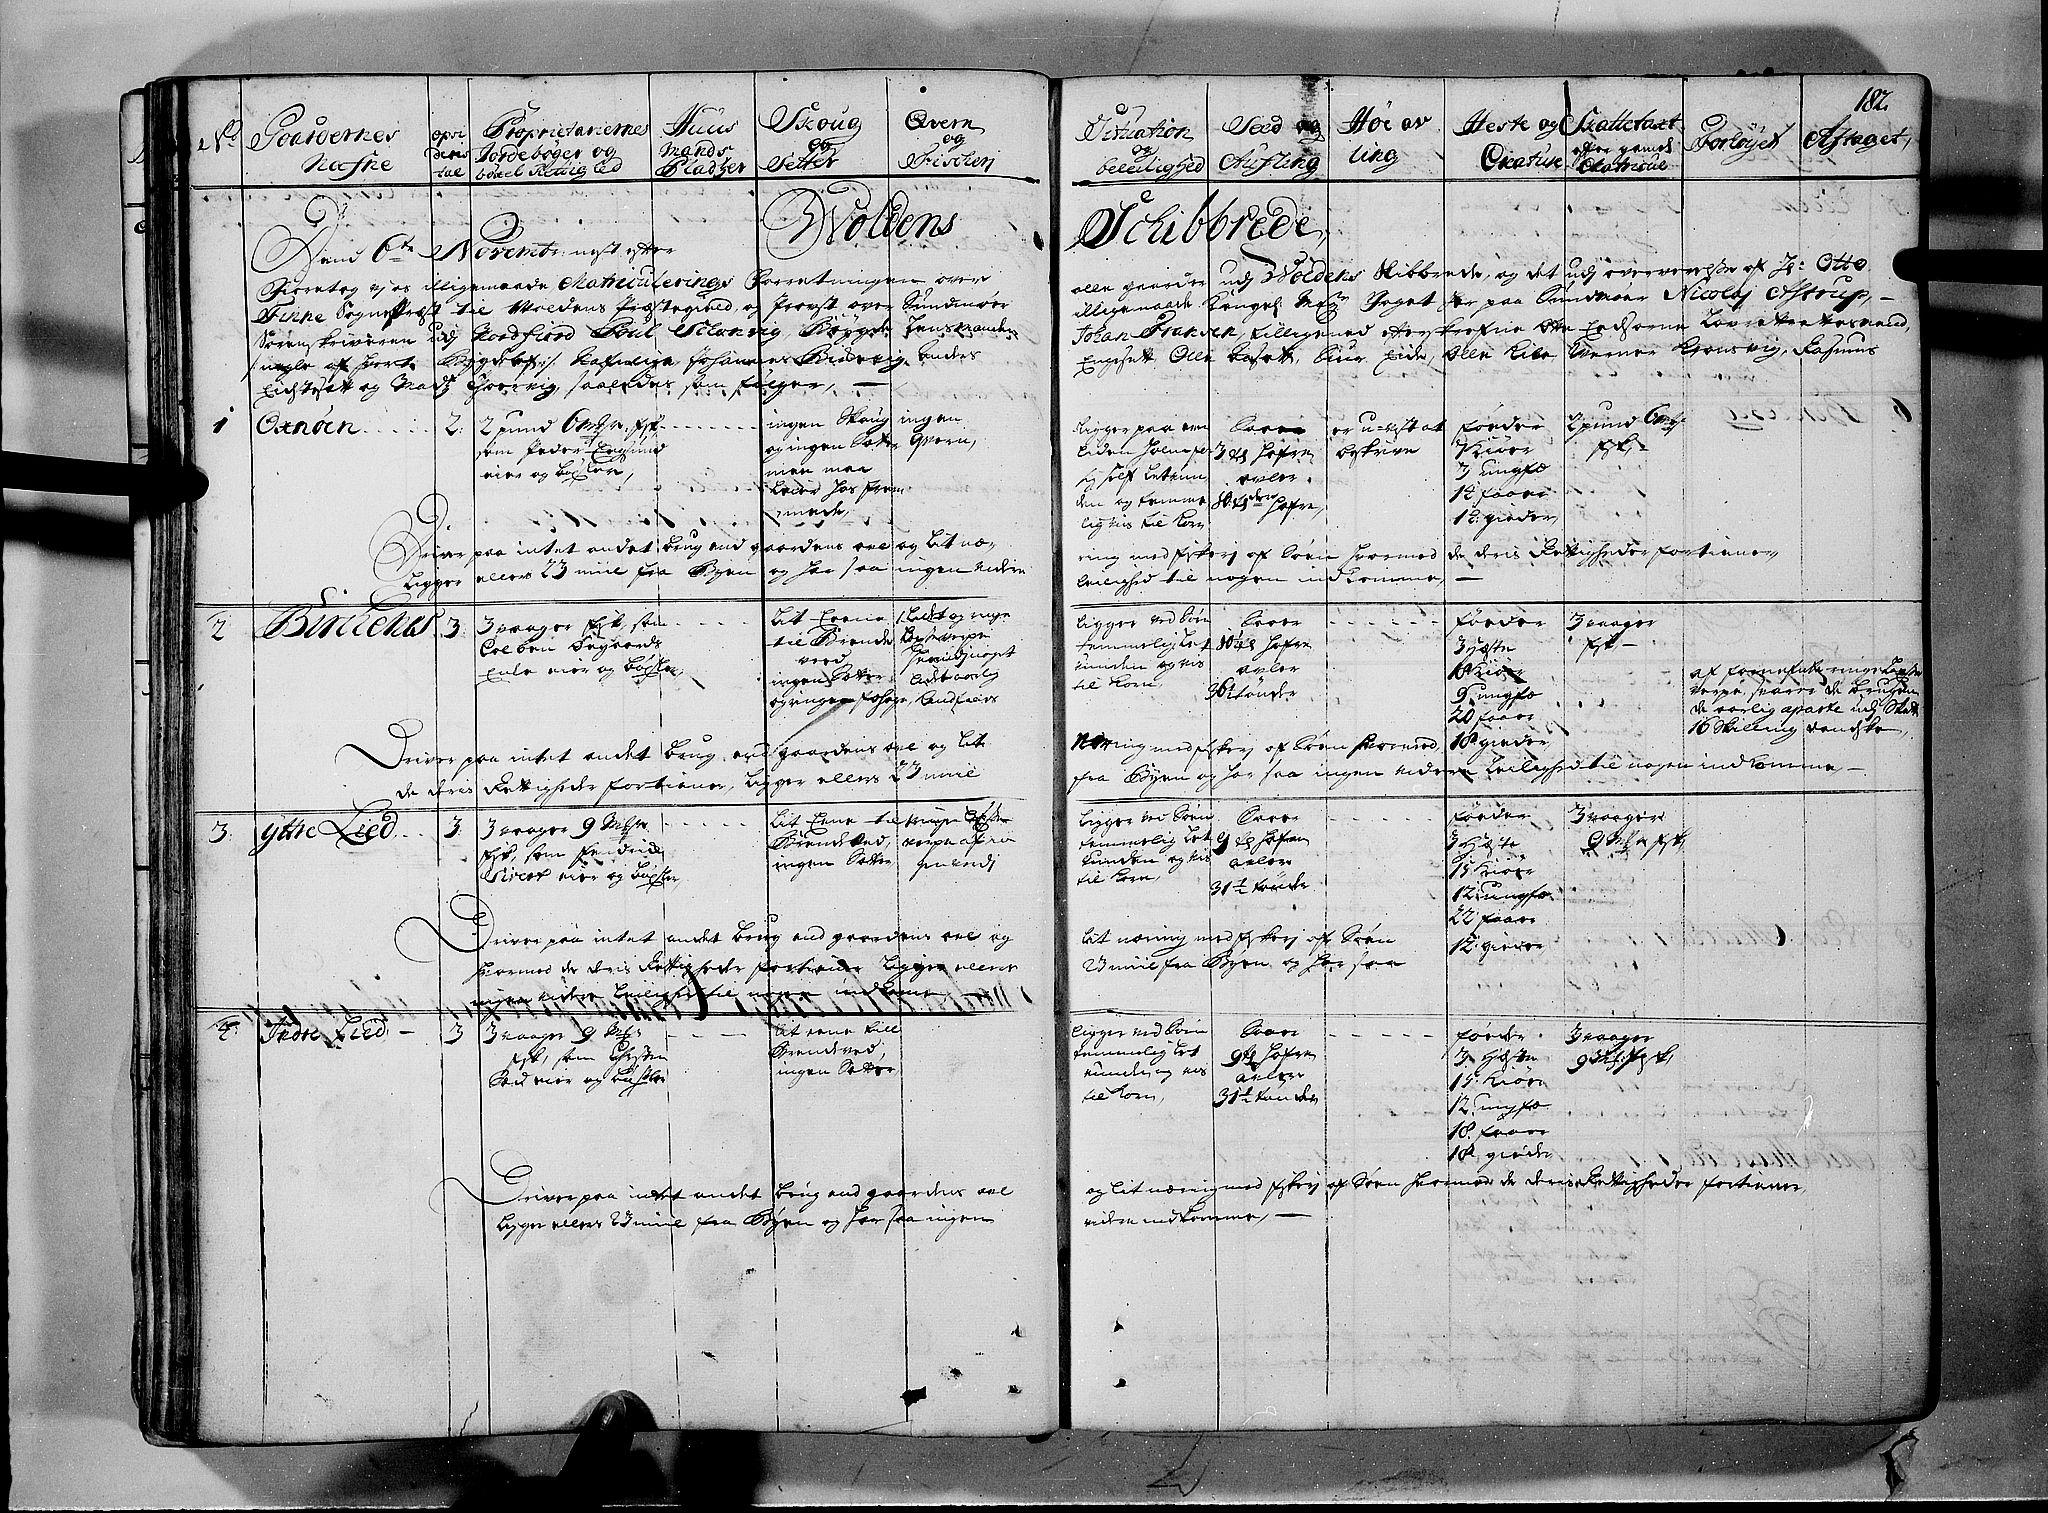 RA, Rentekammeret inntil 1814, Realistisk ordnet avdeling, N/Nb/Nbf/L0150: Sunnmøre eksaminasjonsprotokoll, 1724, s. 181b-182a